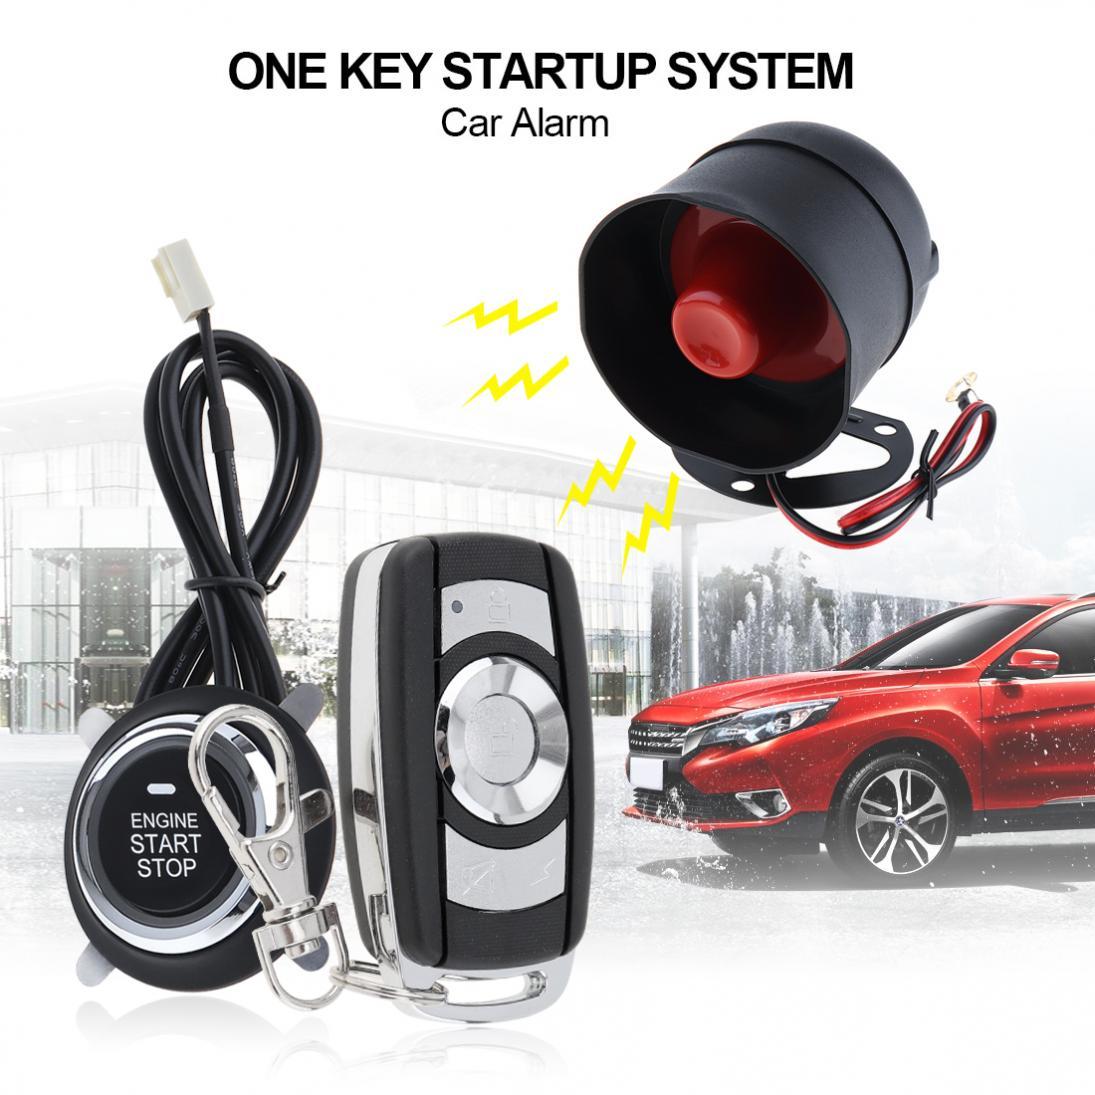 Système universel d'alarme de voiture système d'arrêt de démarrage à distance avec verrouillage Central automatique et entrée sans clé 5A avec clé